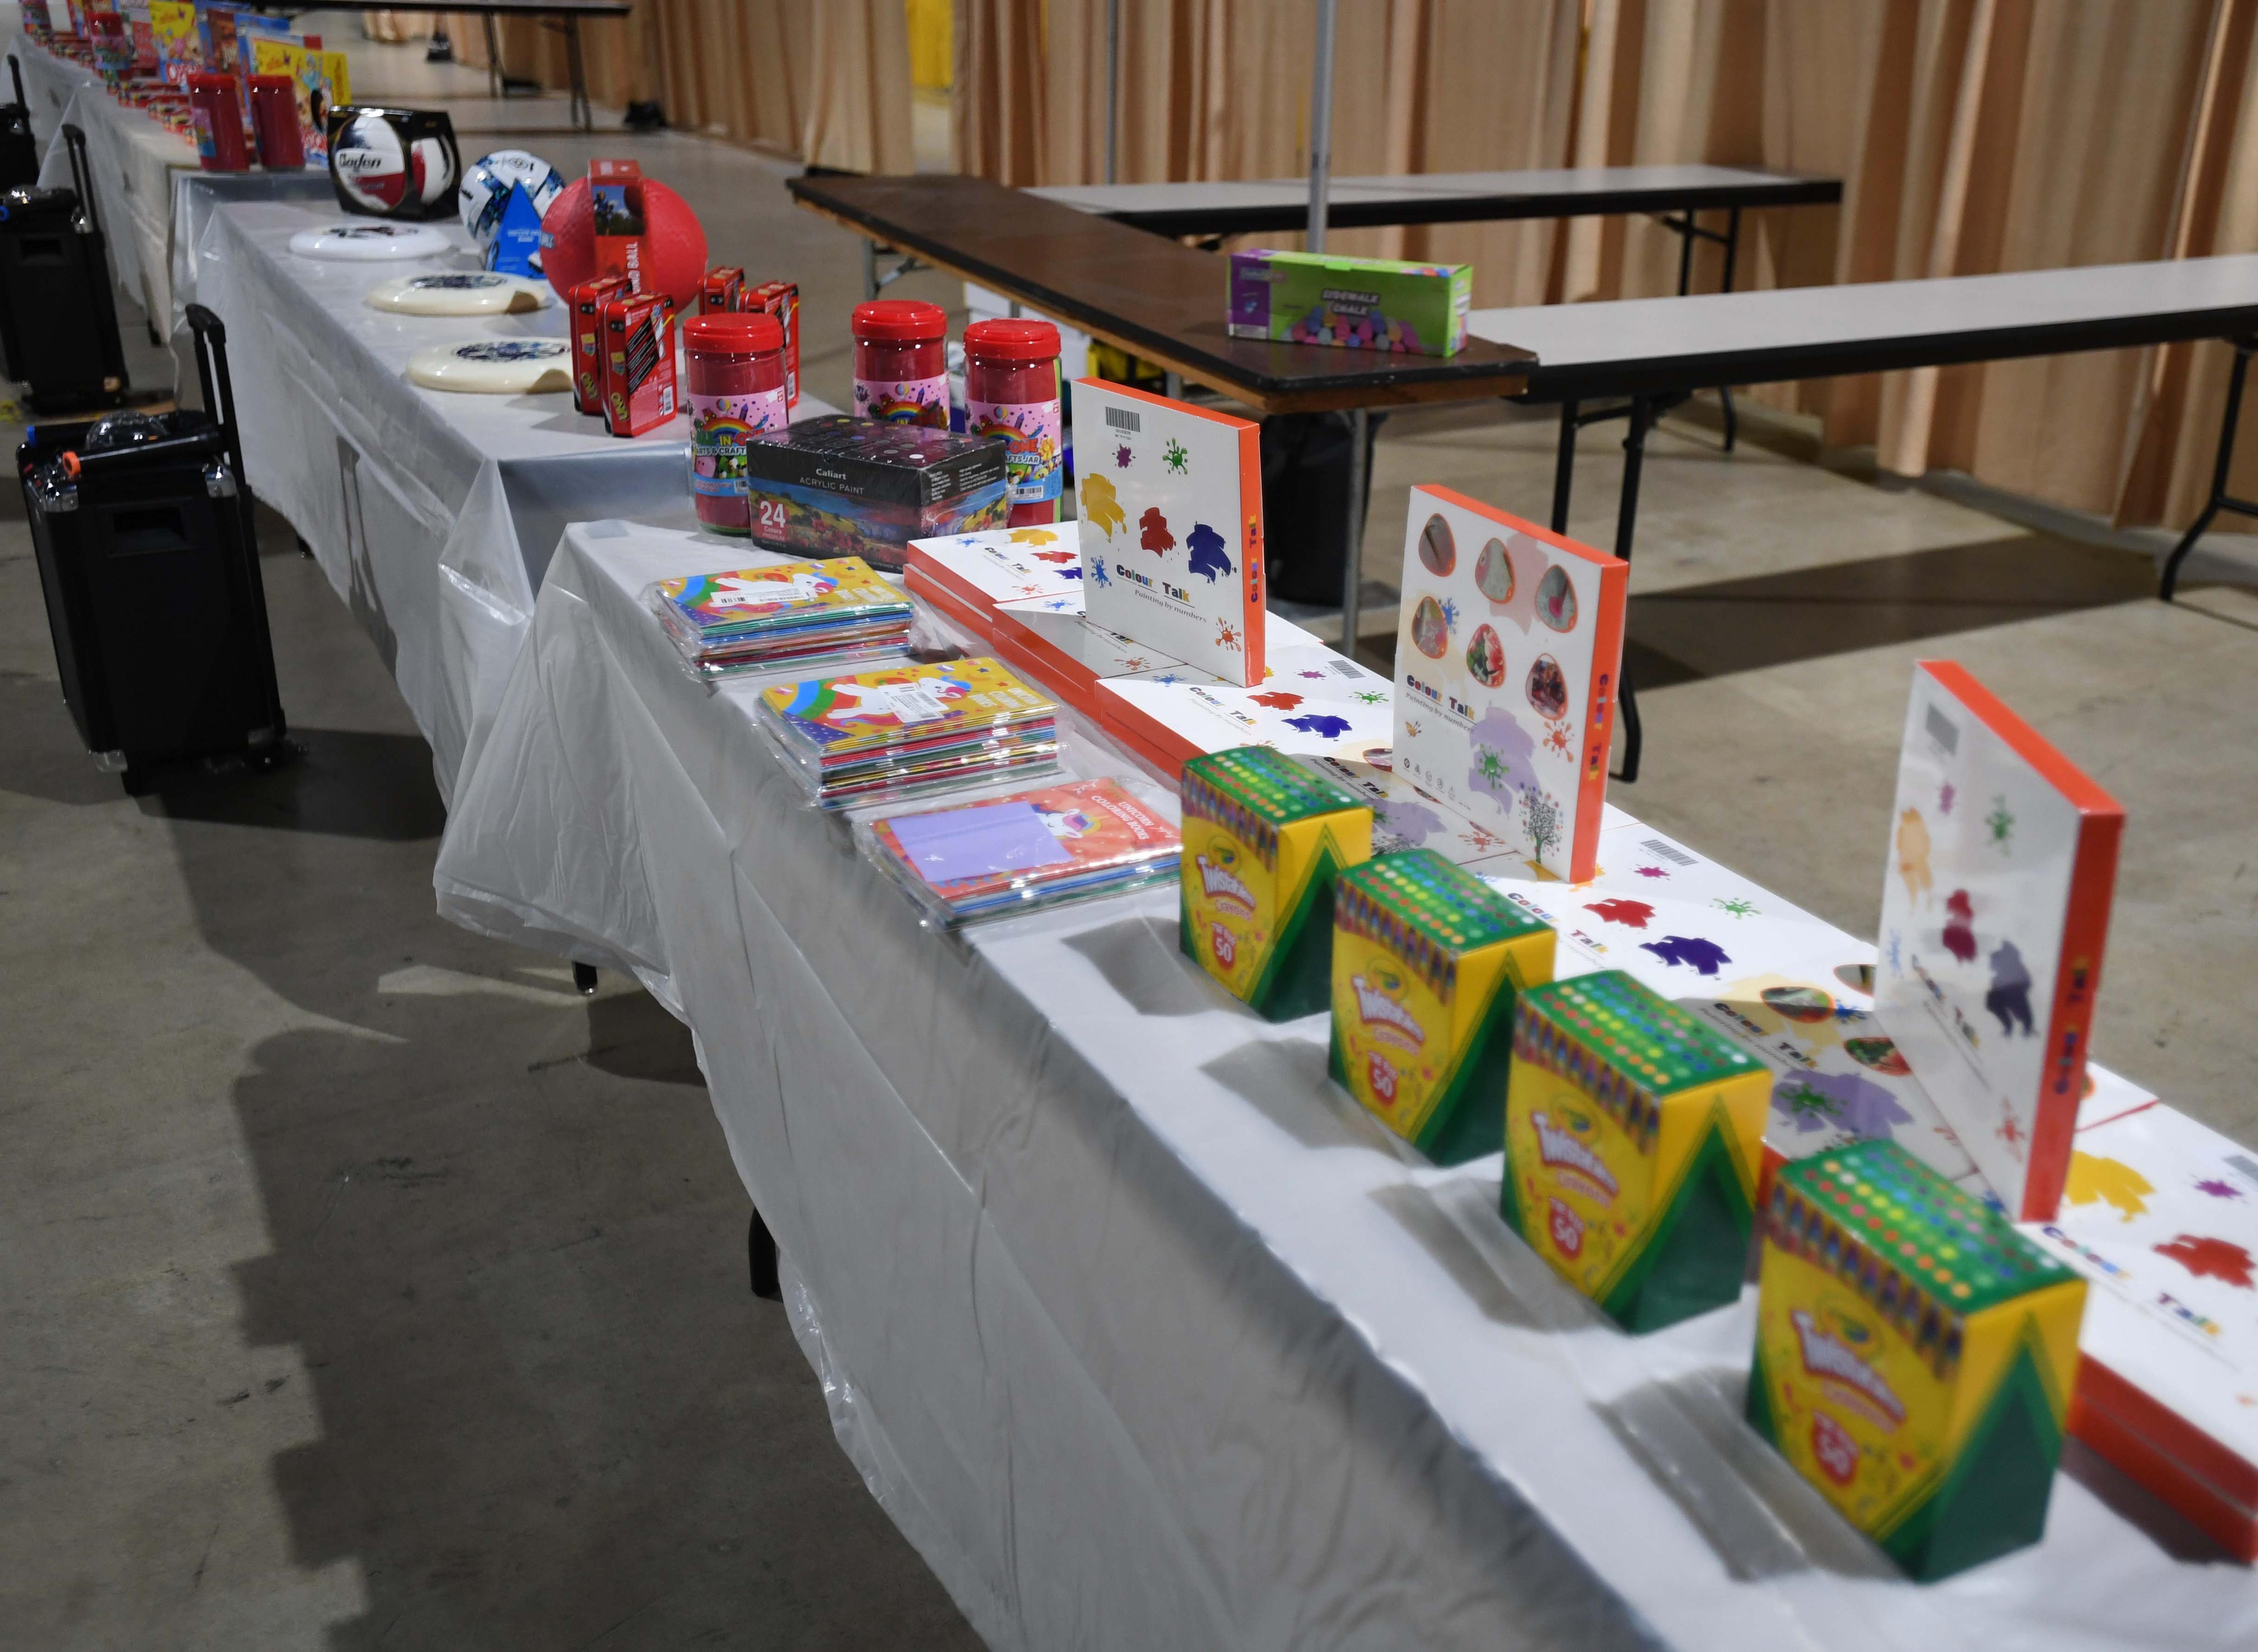 Los artículos recreativos a los que los niños migrantes tendrán acceso se muestran durante un recorrido por el Centro de Convenciones de Long Beach el 22 de abril de 2021 en Long Beach, California.